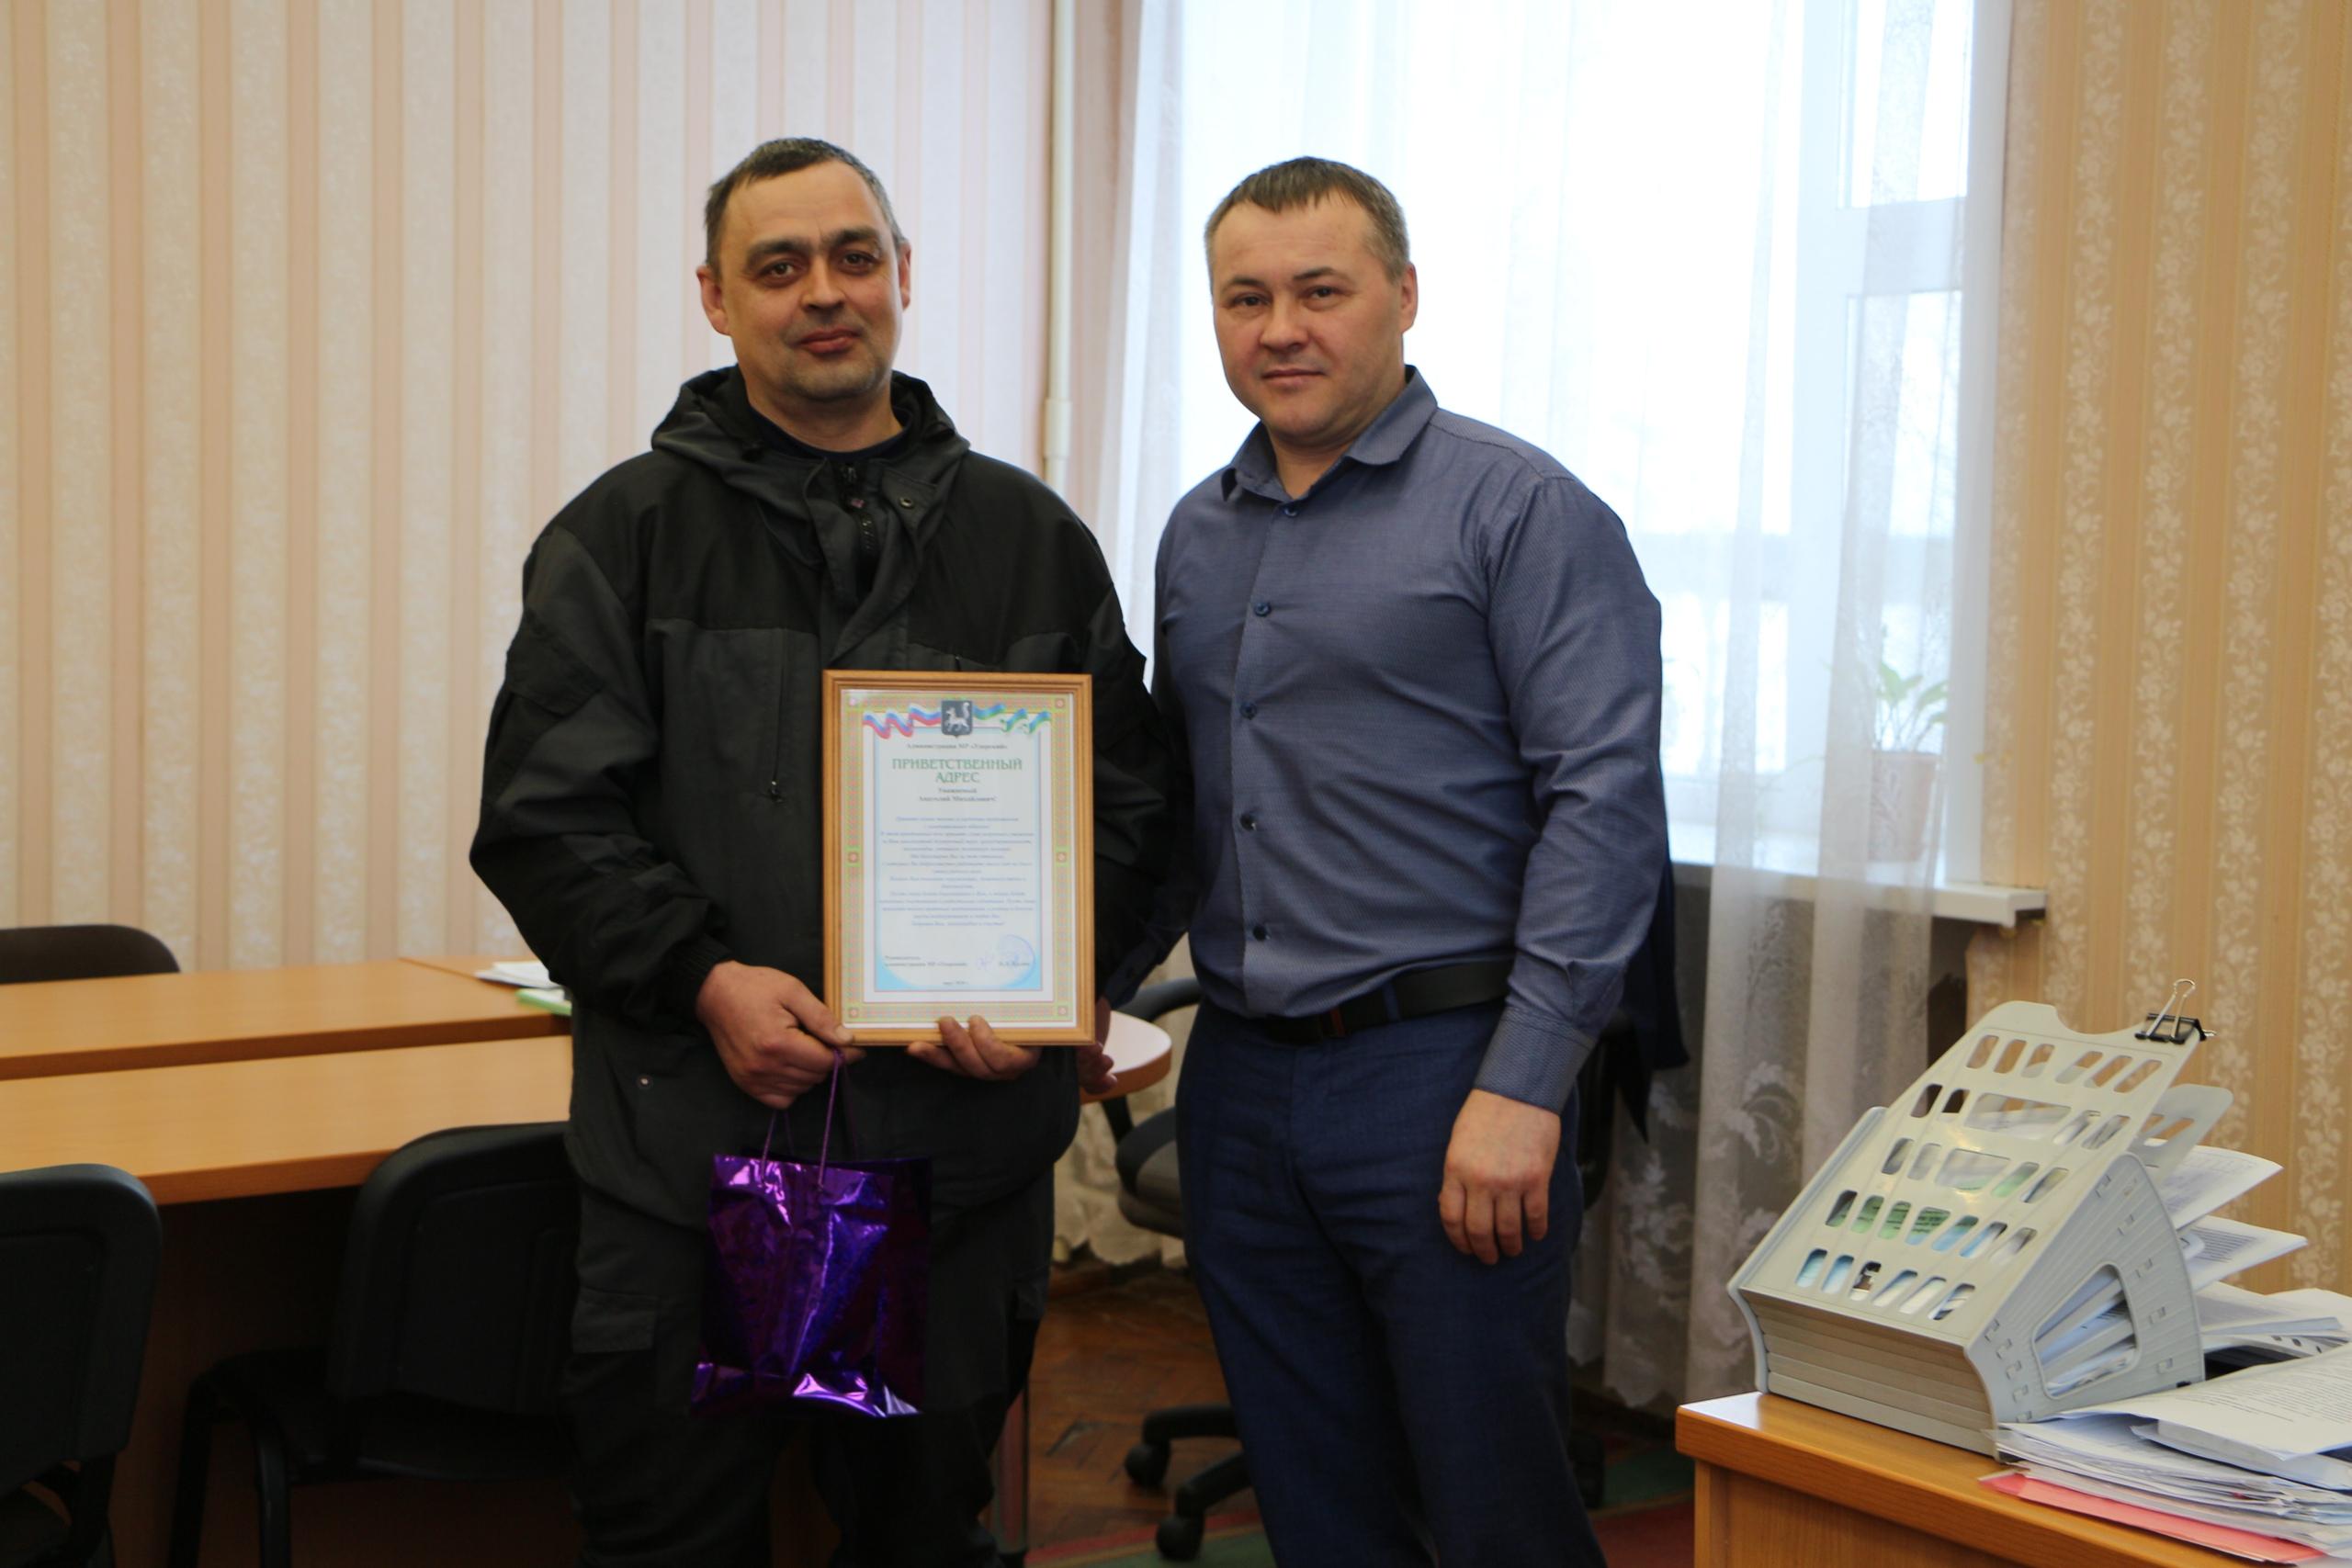 И. о. руководителя администрации Александр Бобров поздравил индивидуального предпринимателя с юбилеем